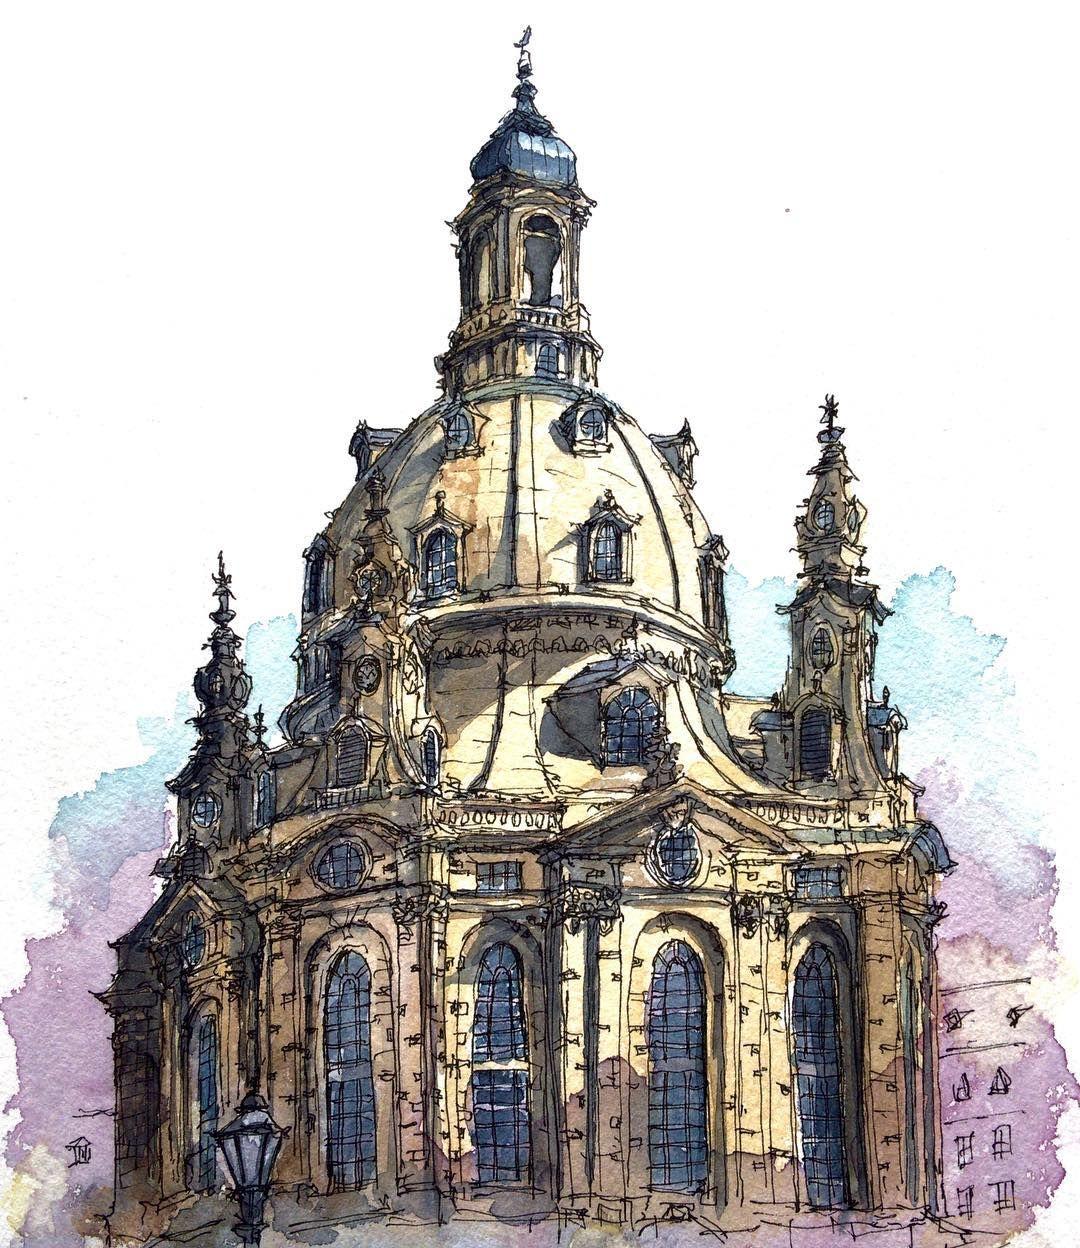 ドイツ ドレスデン フラウエン教会 Frauenkirche Dresden Germany 水彩画 透明水彩 スケッチ Watercolor Wat Watercolor Architecture Architecture Sketchbook Architecture Drawing